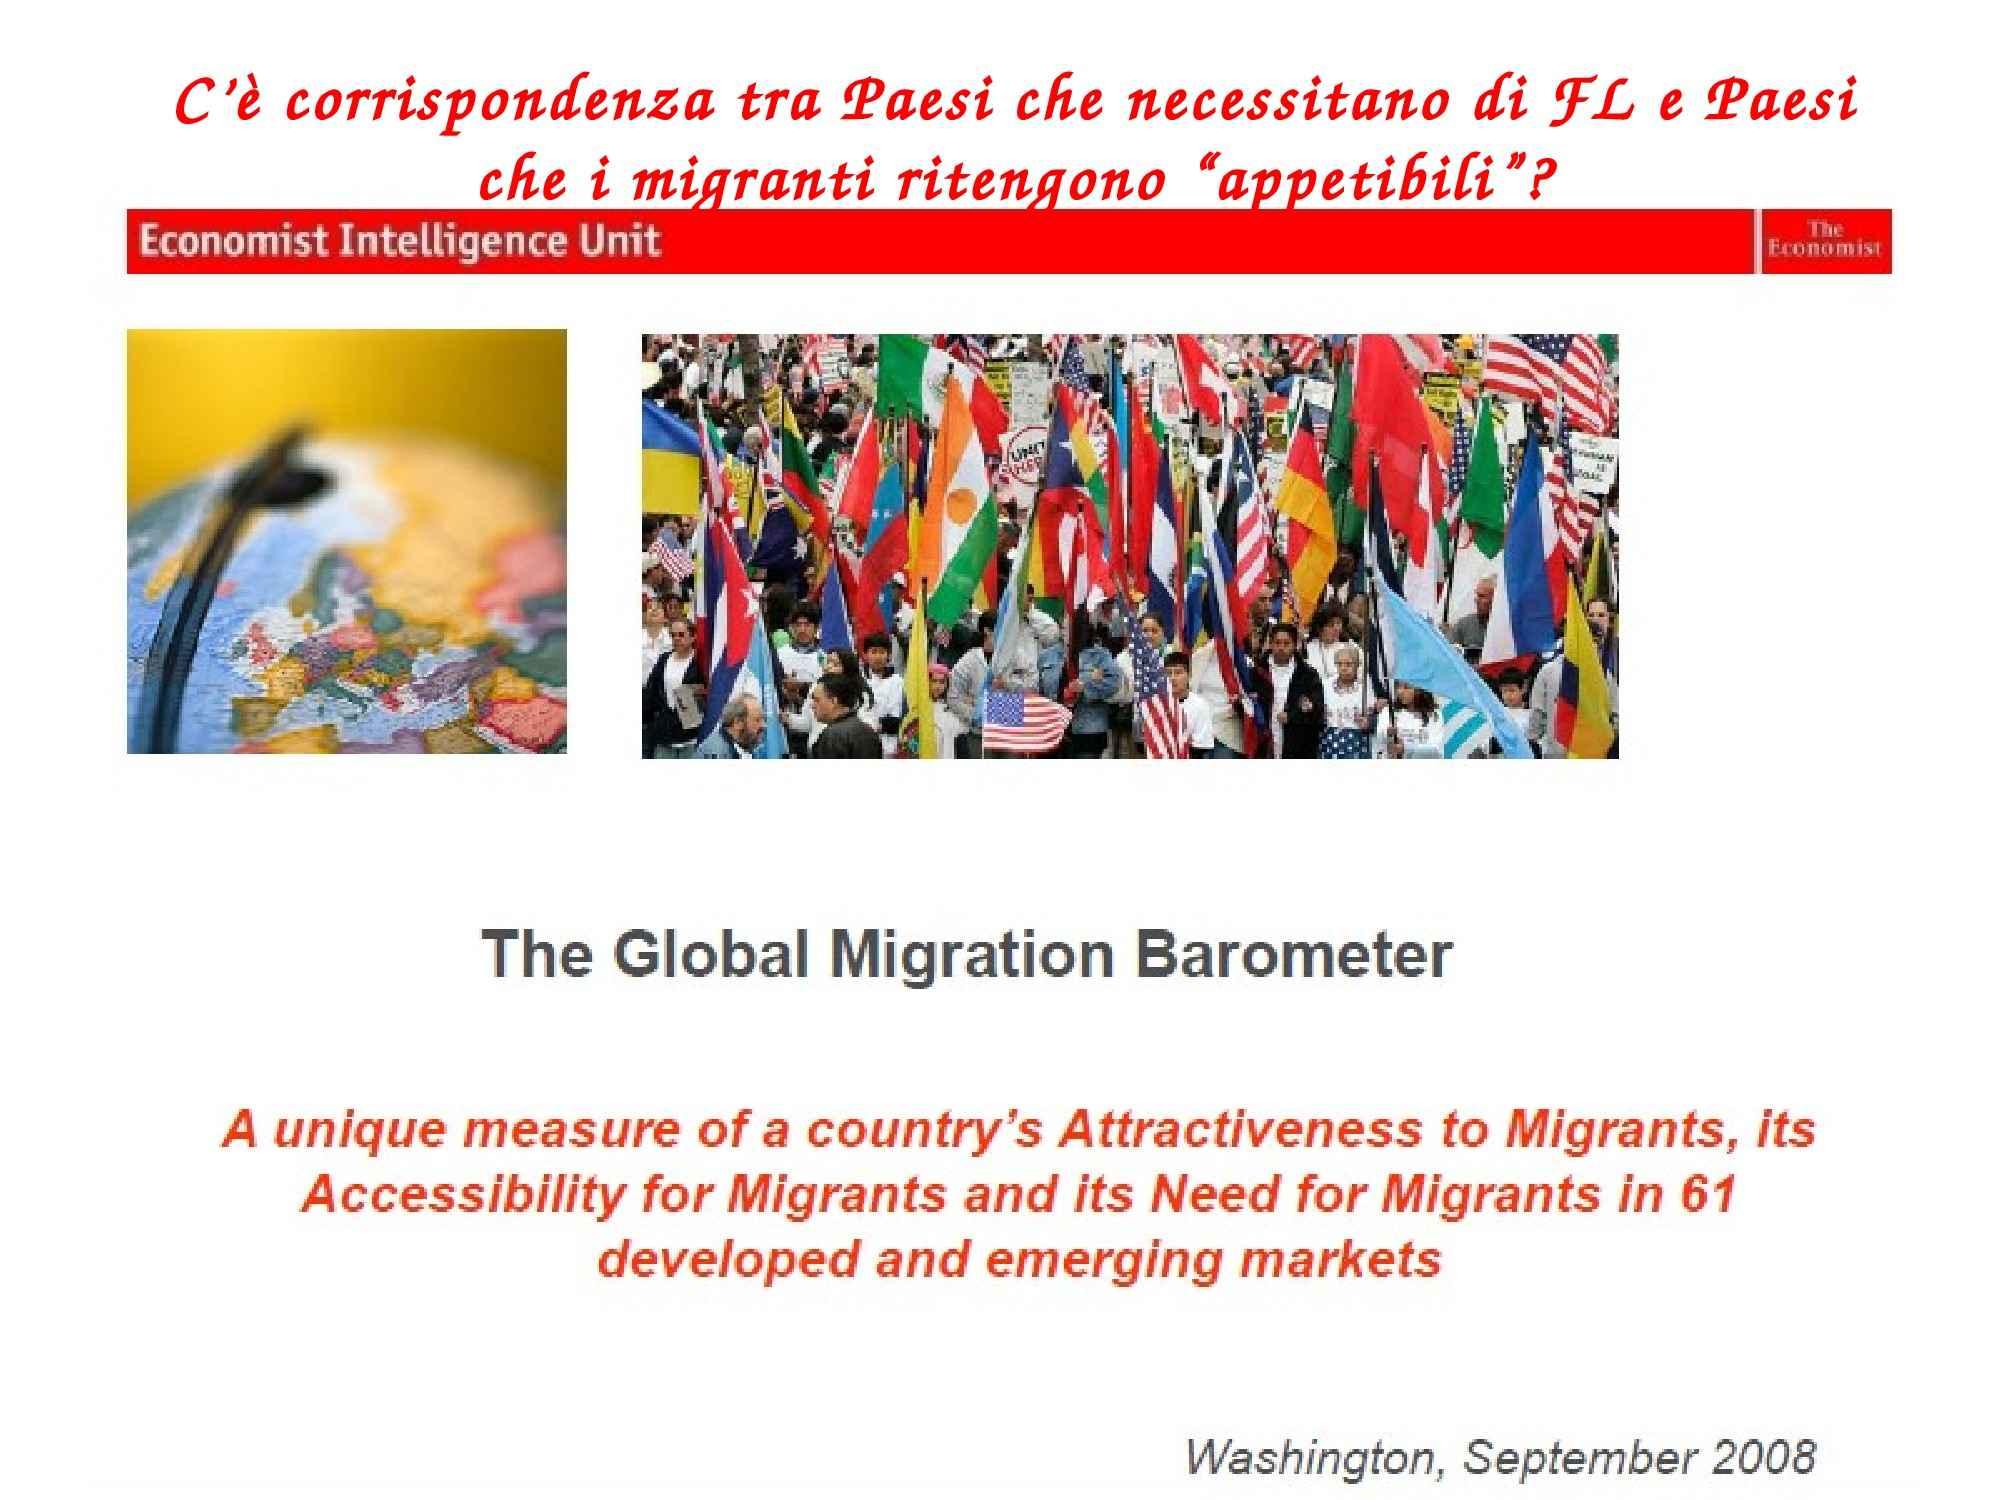 Corrispondenza tra richiesta di forza lavoro e flussi migratori